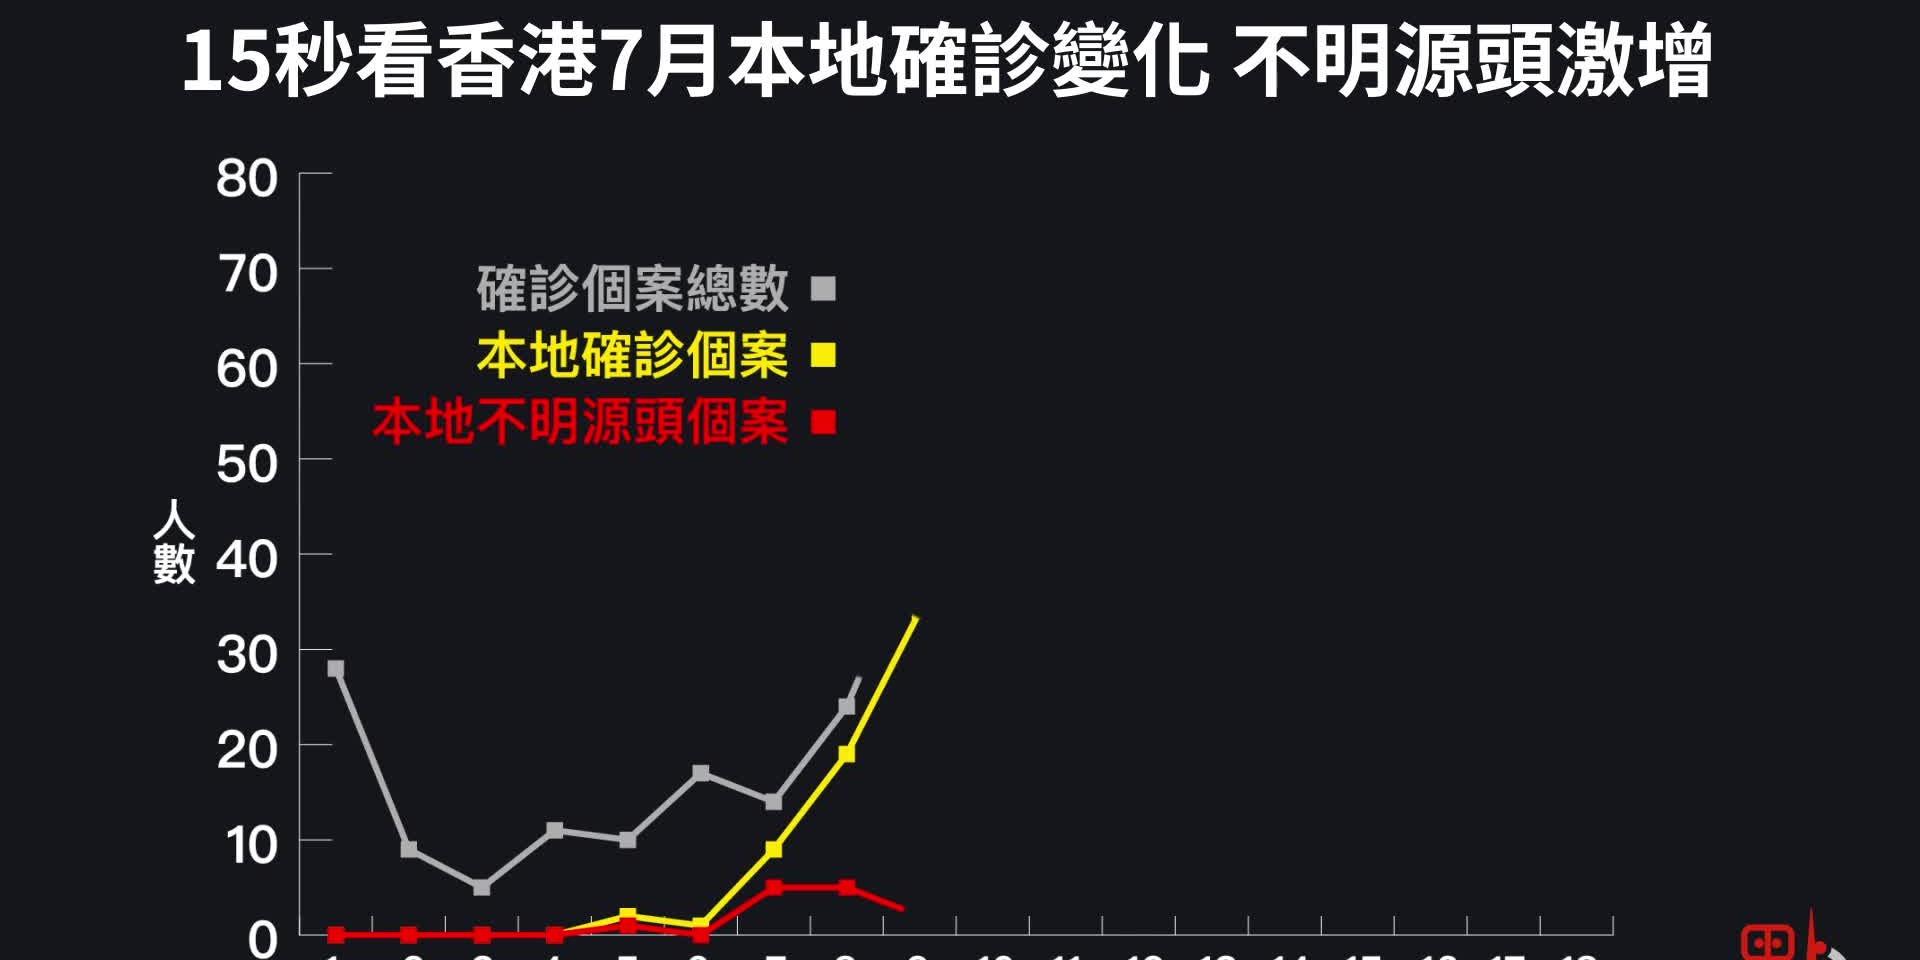 15秒看香港7月本地確診變化:不明源頭激增